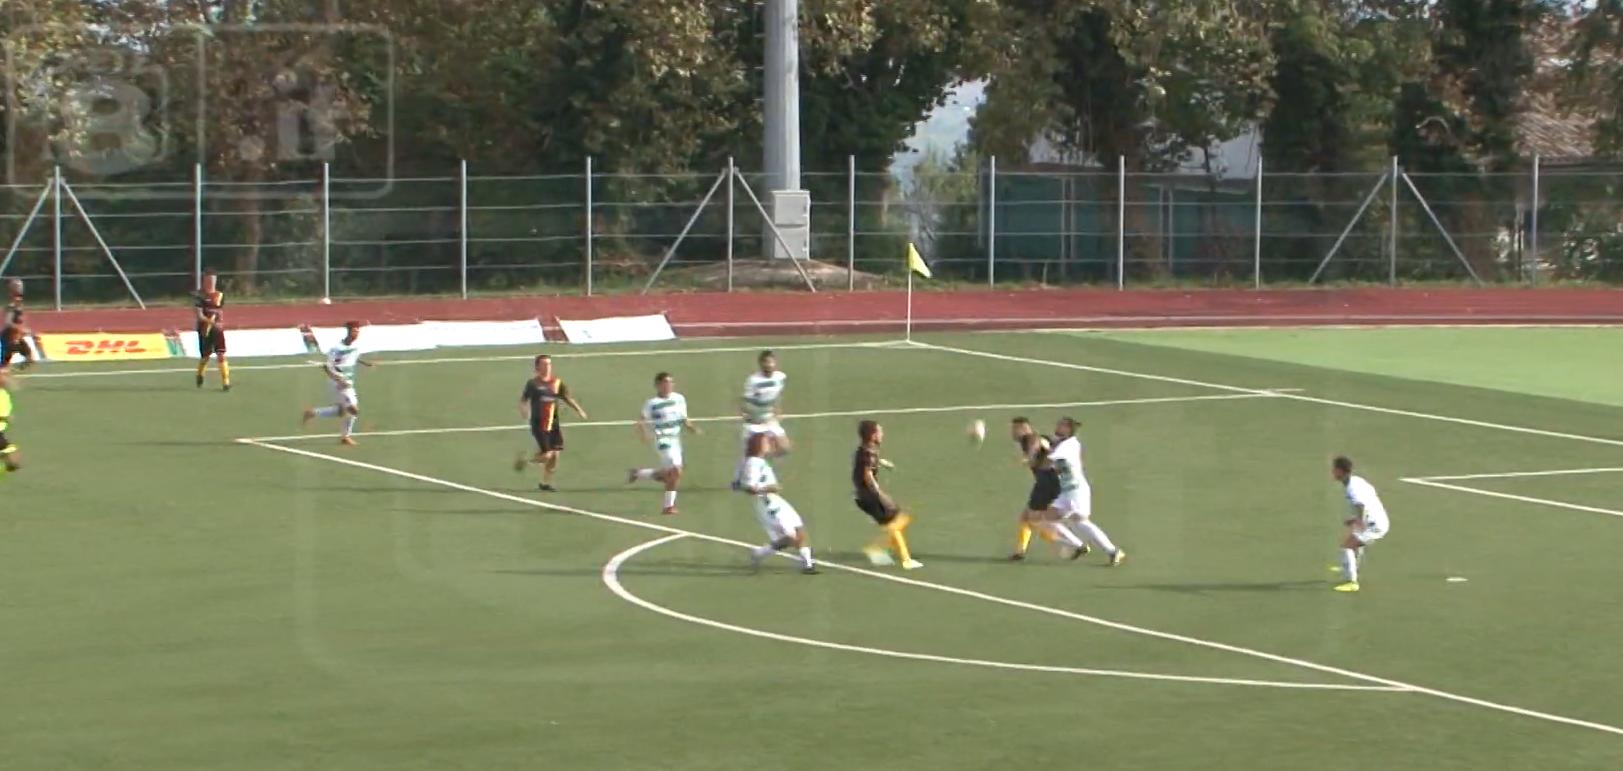 Avezzano stoppata dalla Recanatese dopo due vittorie di fila. Al Tubaldi finisce 1 a 0 per i ragazzi di mister Giampaolo